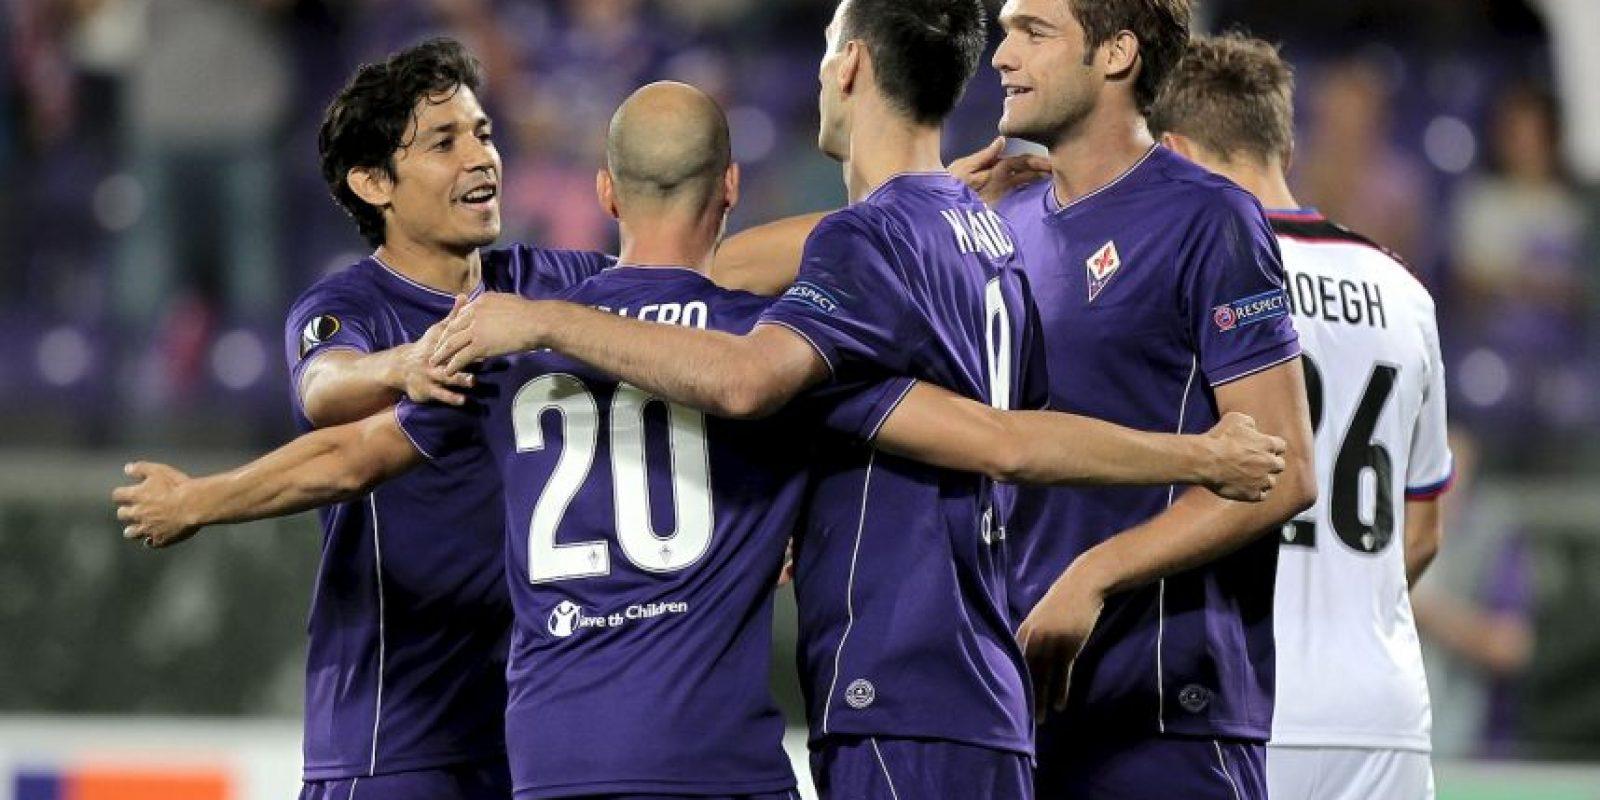 """En una liga dominada totalmente en los últimos años por la Juventus, llama la atención ver la a """"Fiore"""" de líder. Los """"Viola"""" suman 15 puntos en 6 fechas con cinco victorias y sólo una derrota. Foto:Getty Images"""